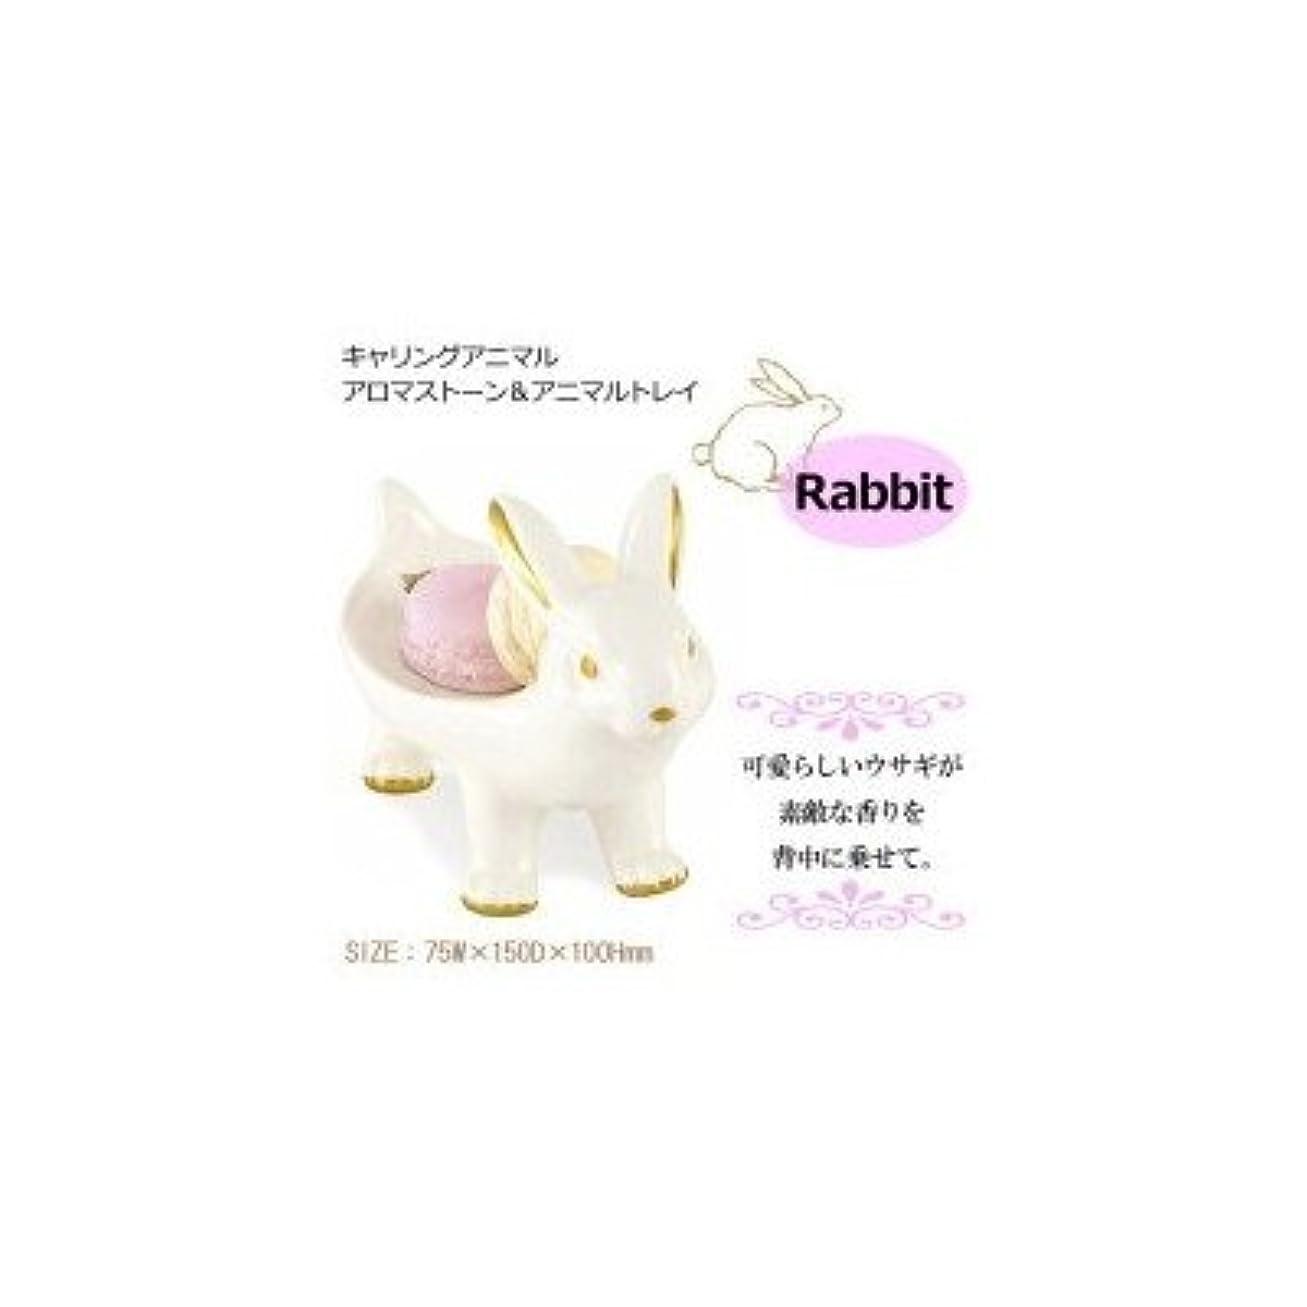 しつけ検索エンジン最適化消費する可愛らしいウサギと素敵な香りを楽しめます キャリングアニマル アロマストーン&アニマルトレイ Rabbit KH-60960